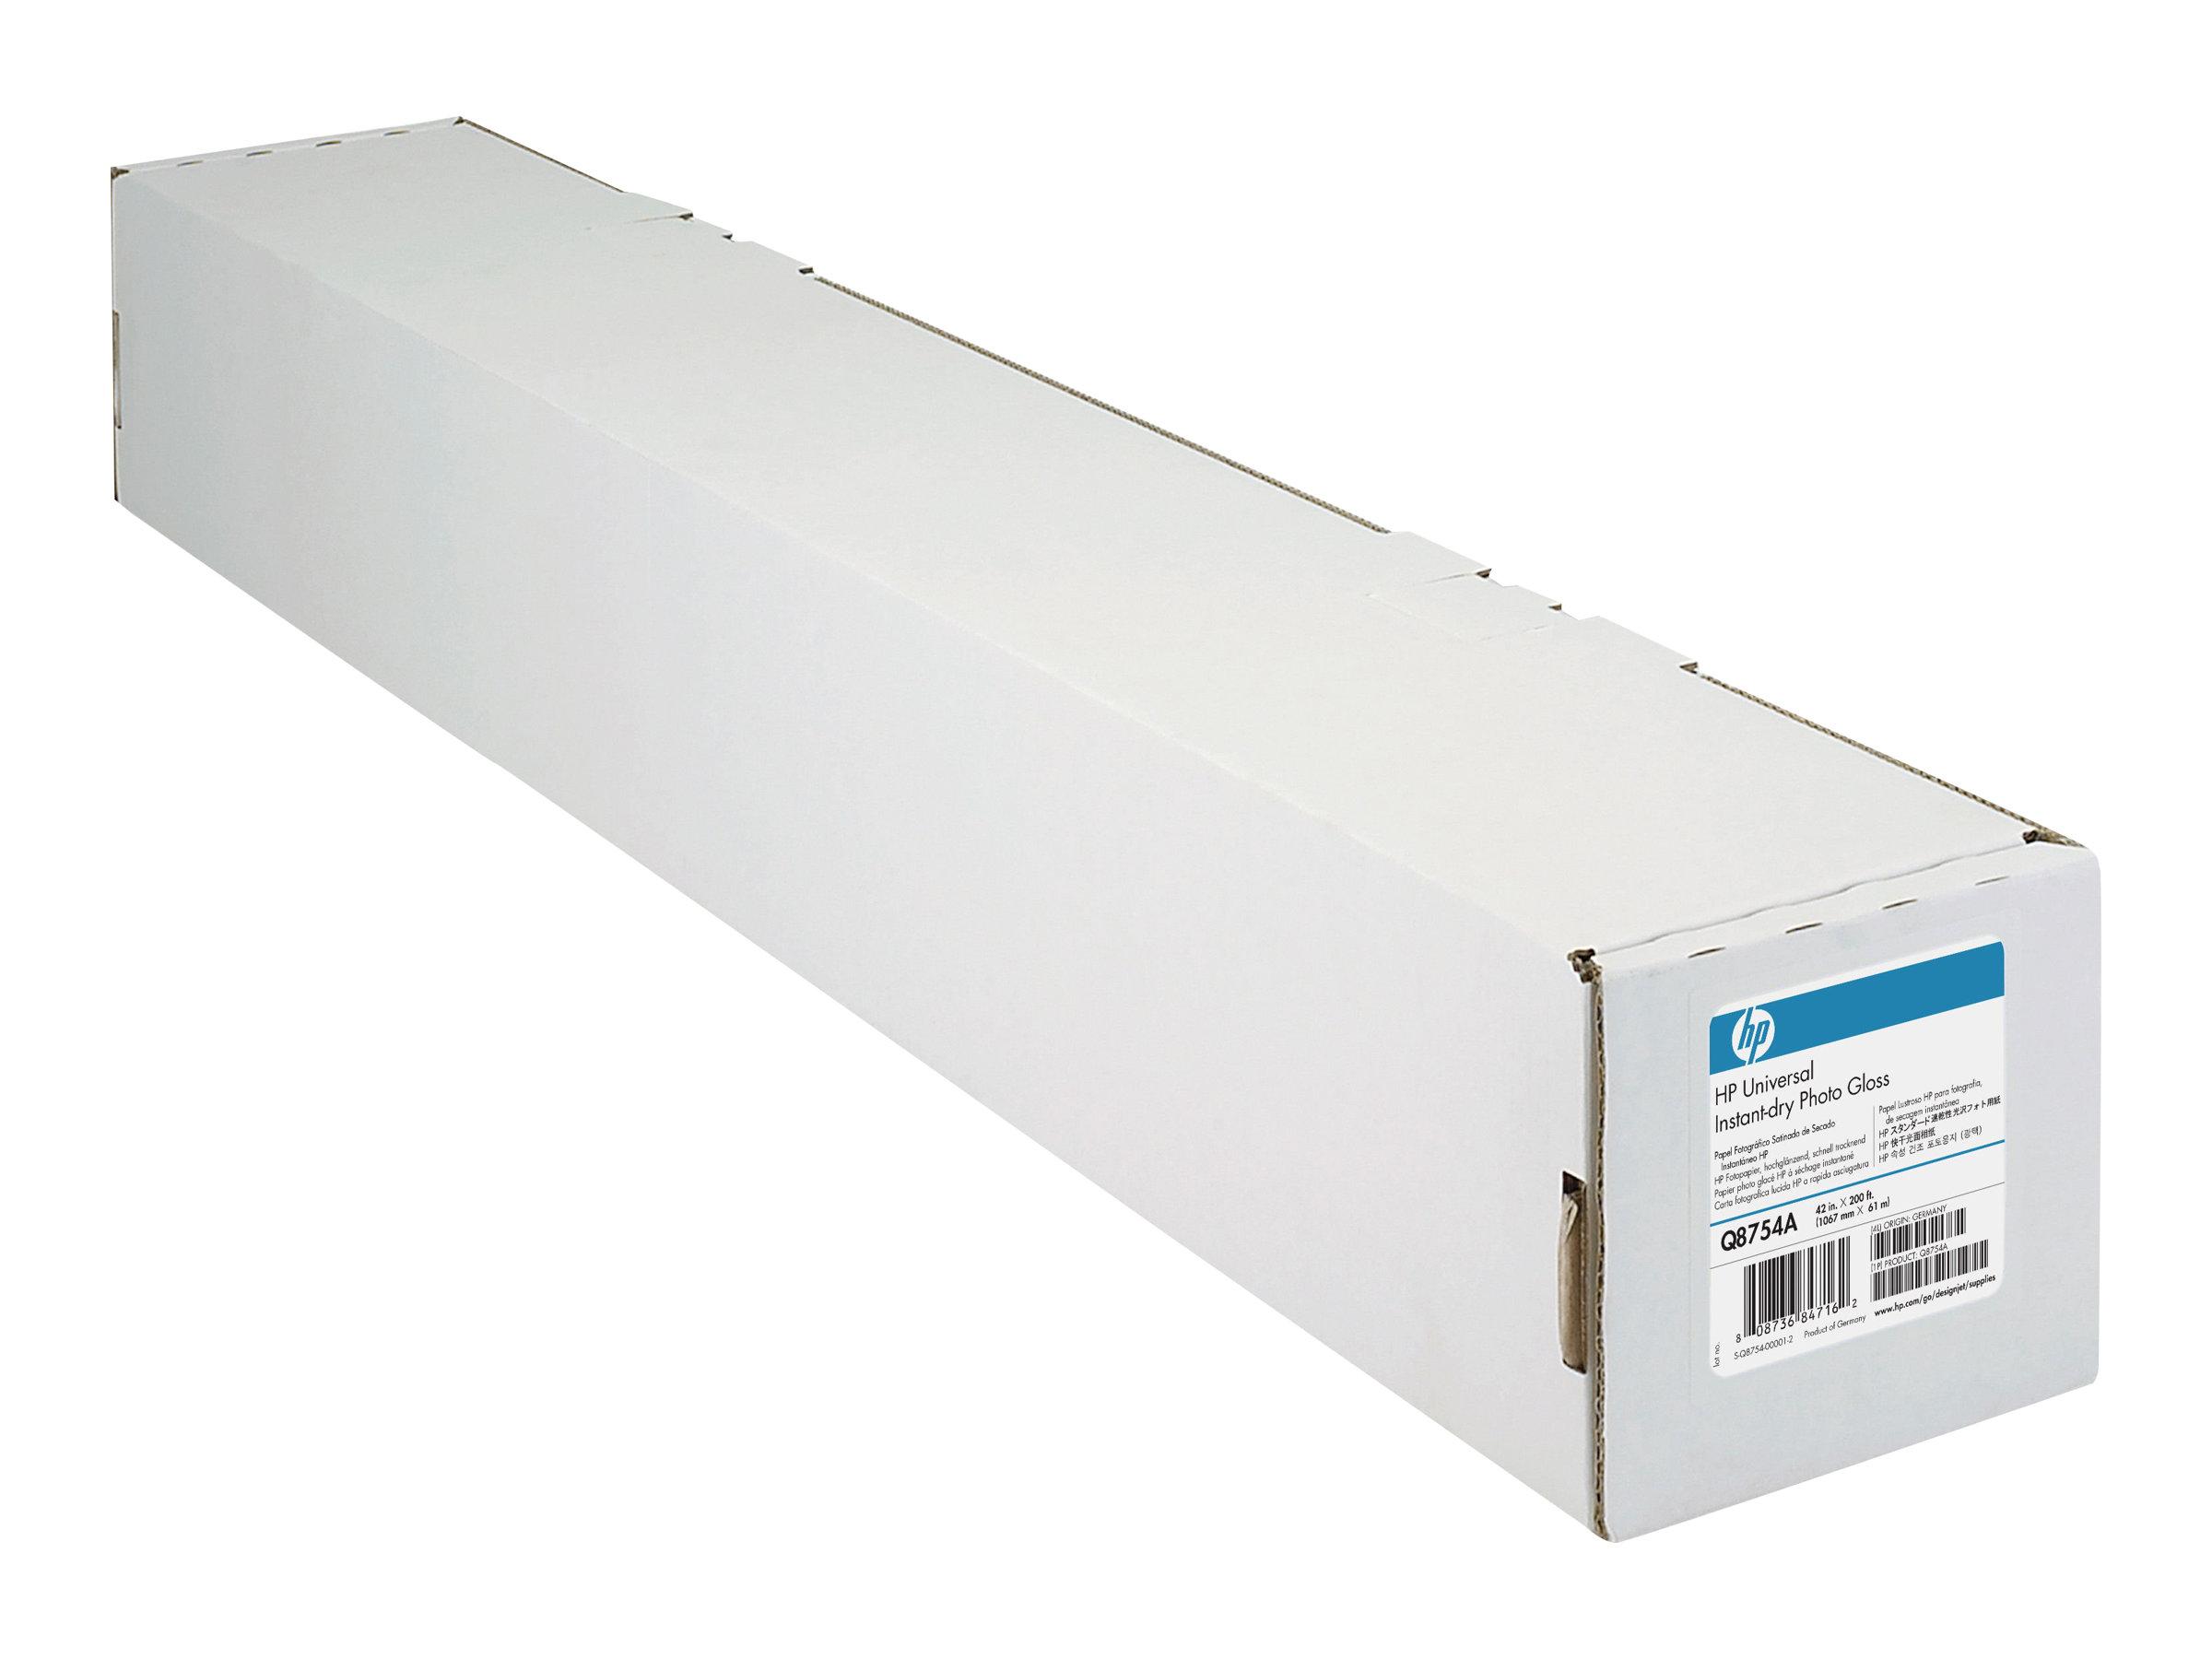 HP Universal Instant-Dry Photo Gloss - Glänzend - Rolle (152,4 cm x 30,5 m) - 190 g/m² - 1 Rolle(n) Fotopapier - für DesignJet 5